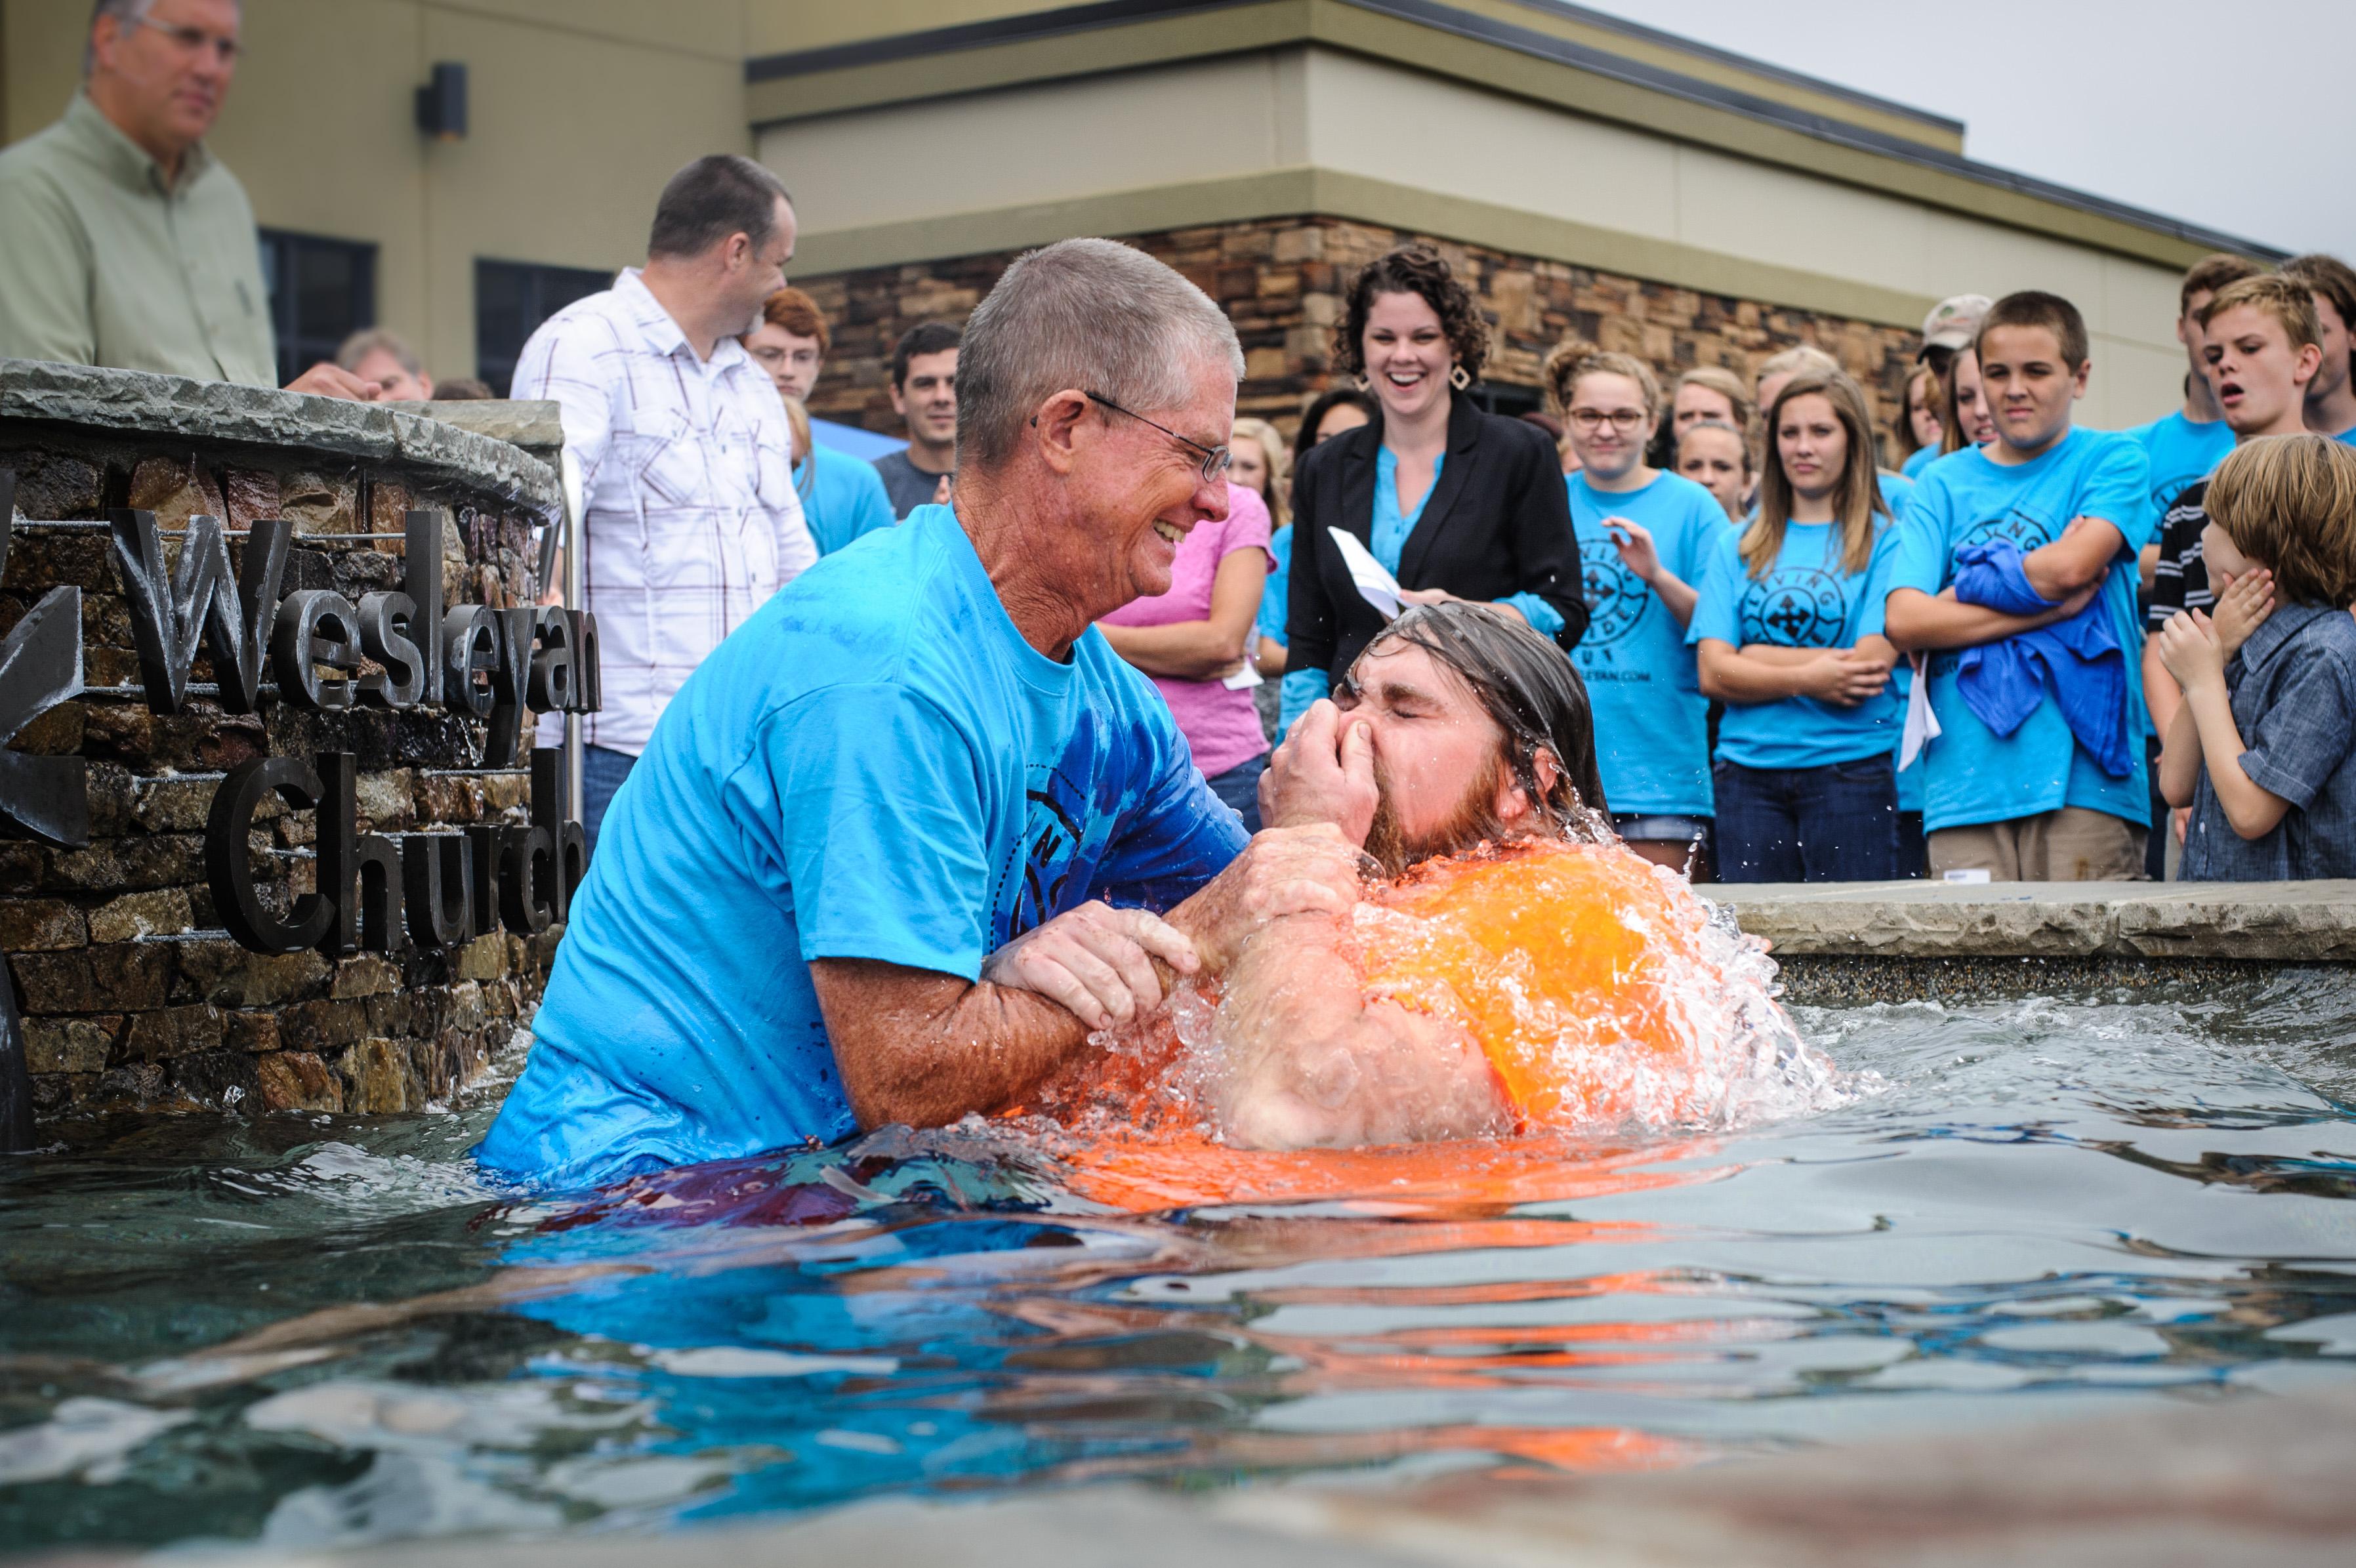 2014-08-10_baptism_Alive_Wesleyan_0225_sm